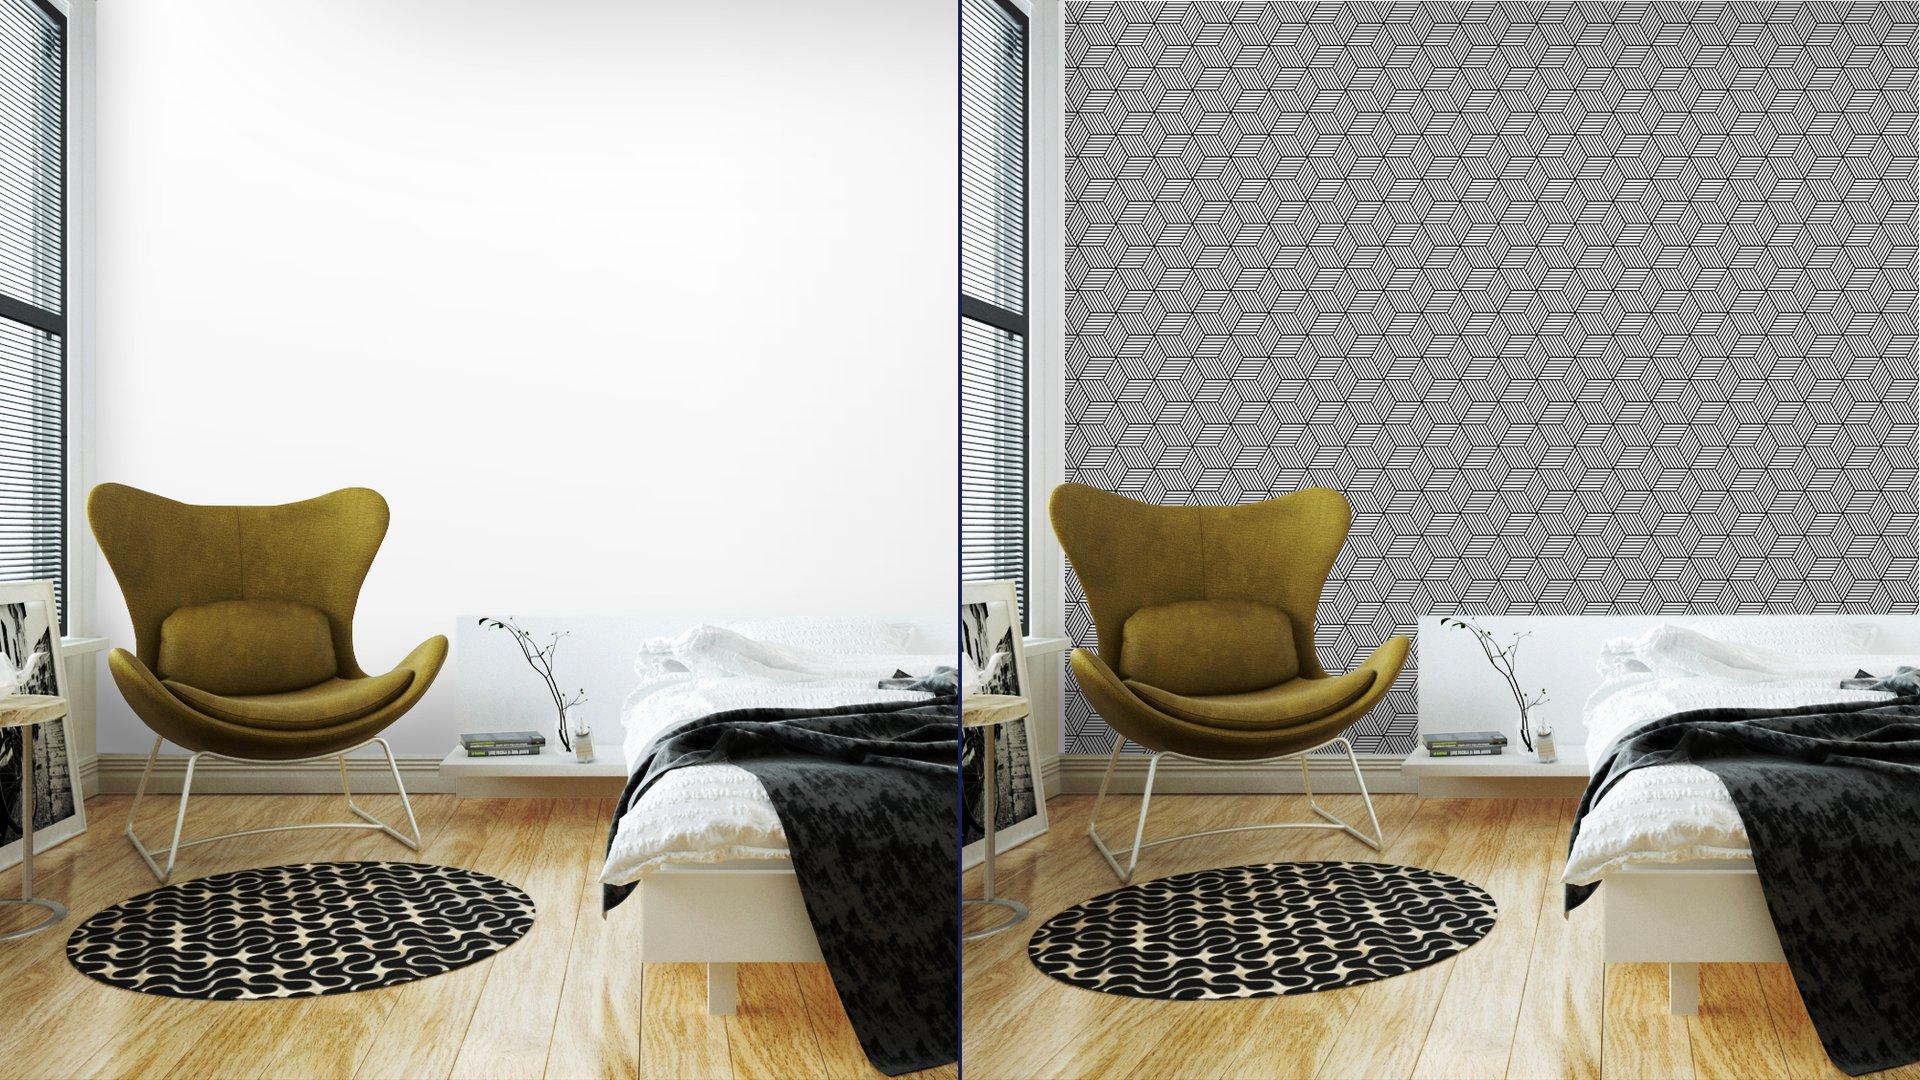 Fotomurales mexico papeles pintados lavables patron geometrico transparente con cubos 2 - Papel Tapiz Patrón de Cubos 3D 02